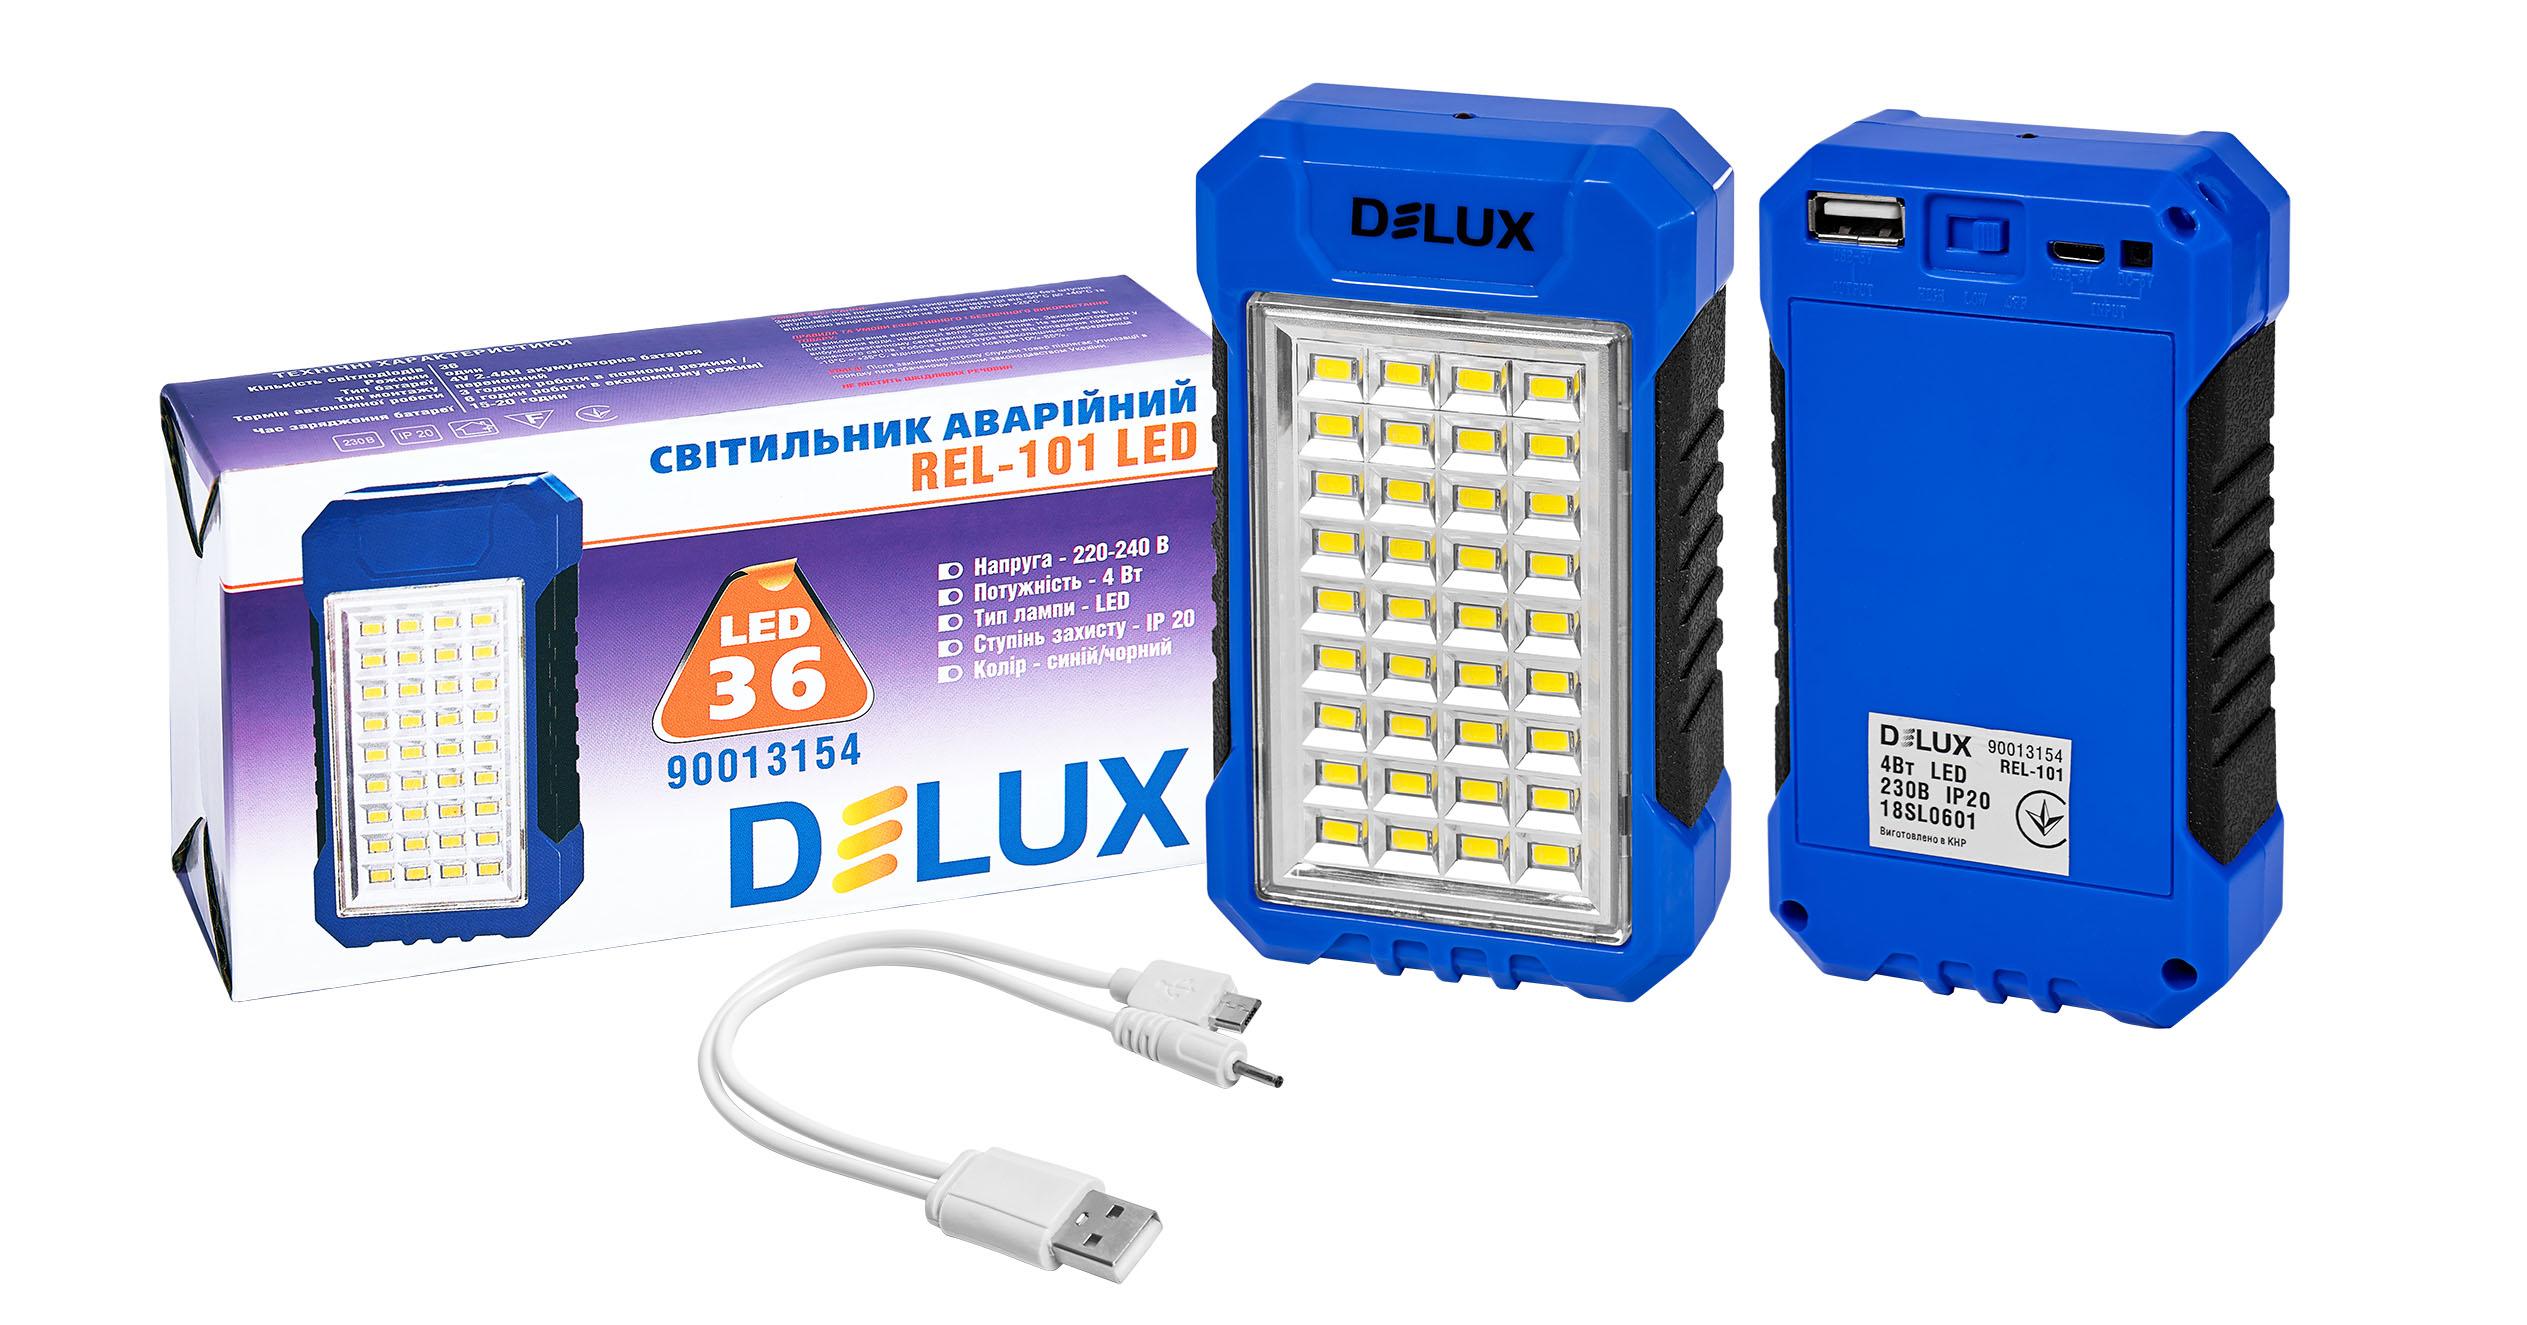 Світильник світлодіодний аварійний DELUX REL 101 (4V2.4Ah) 36 LED 4W 69x37x125